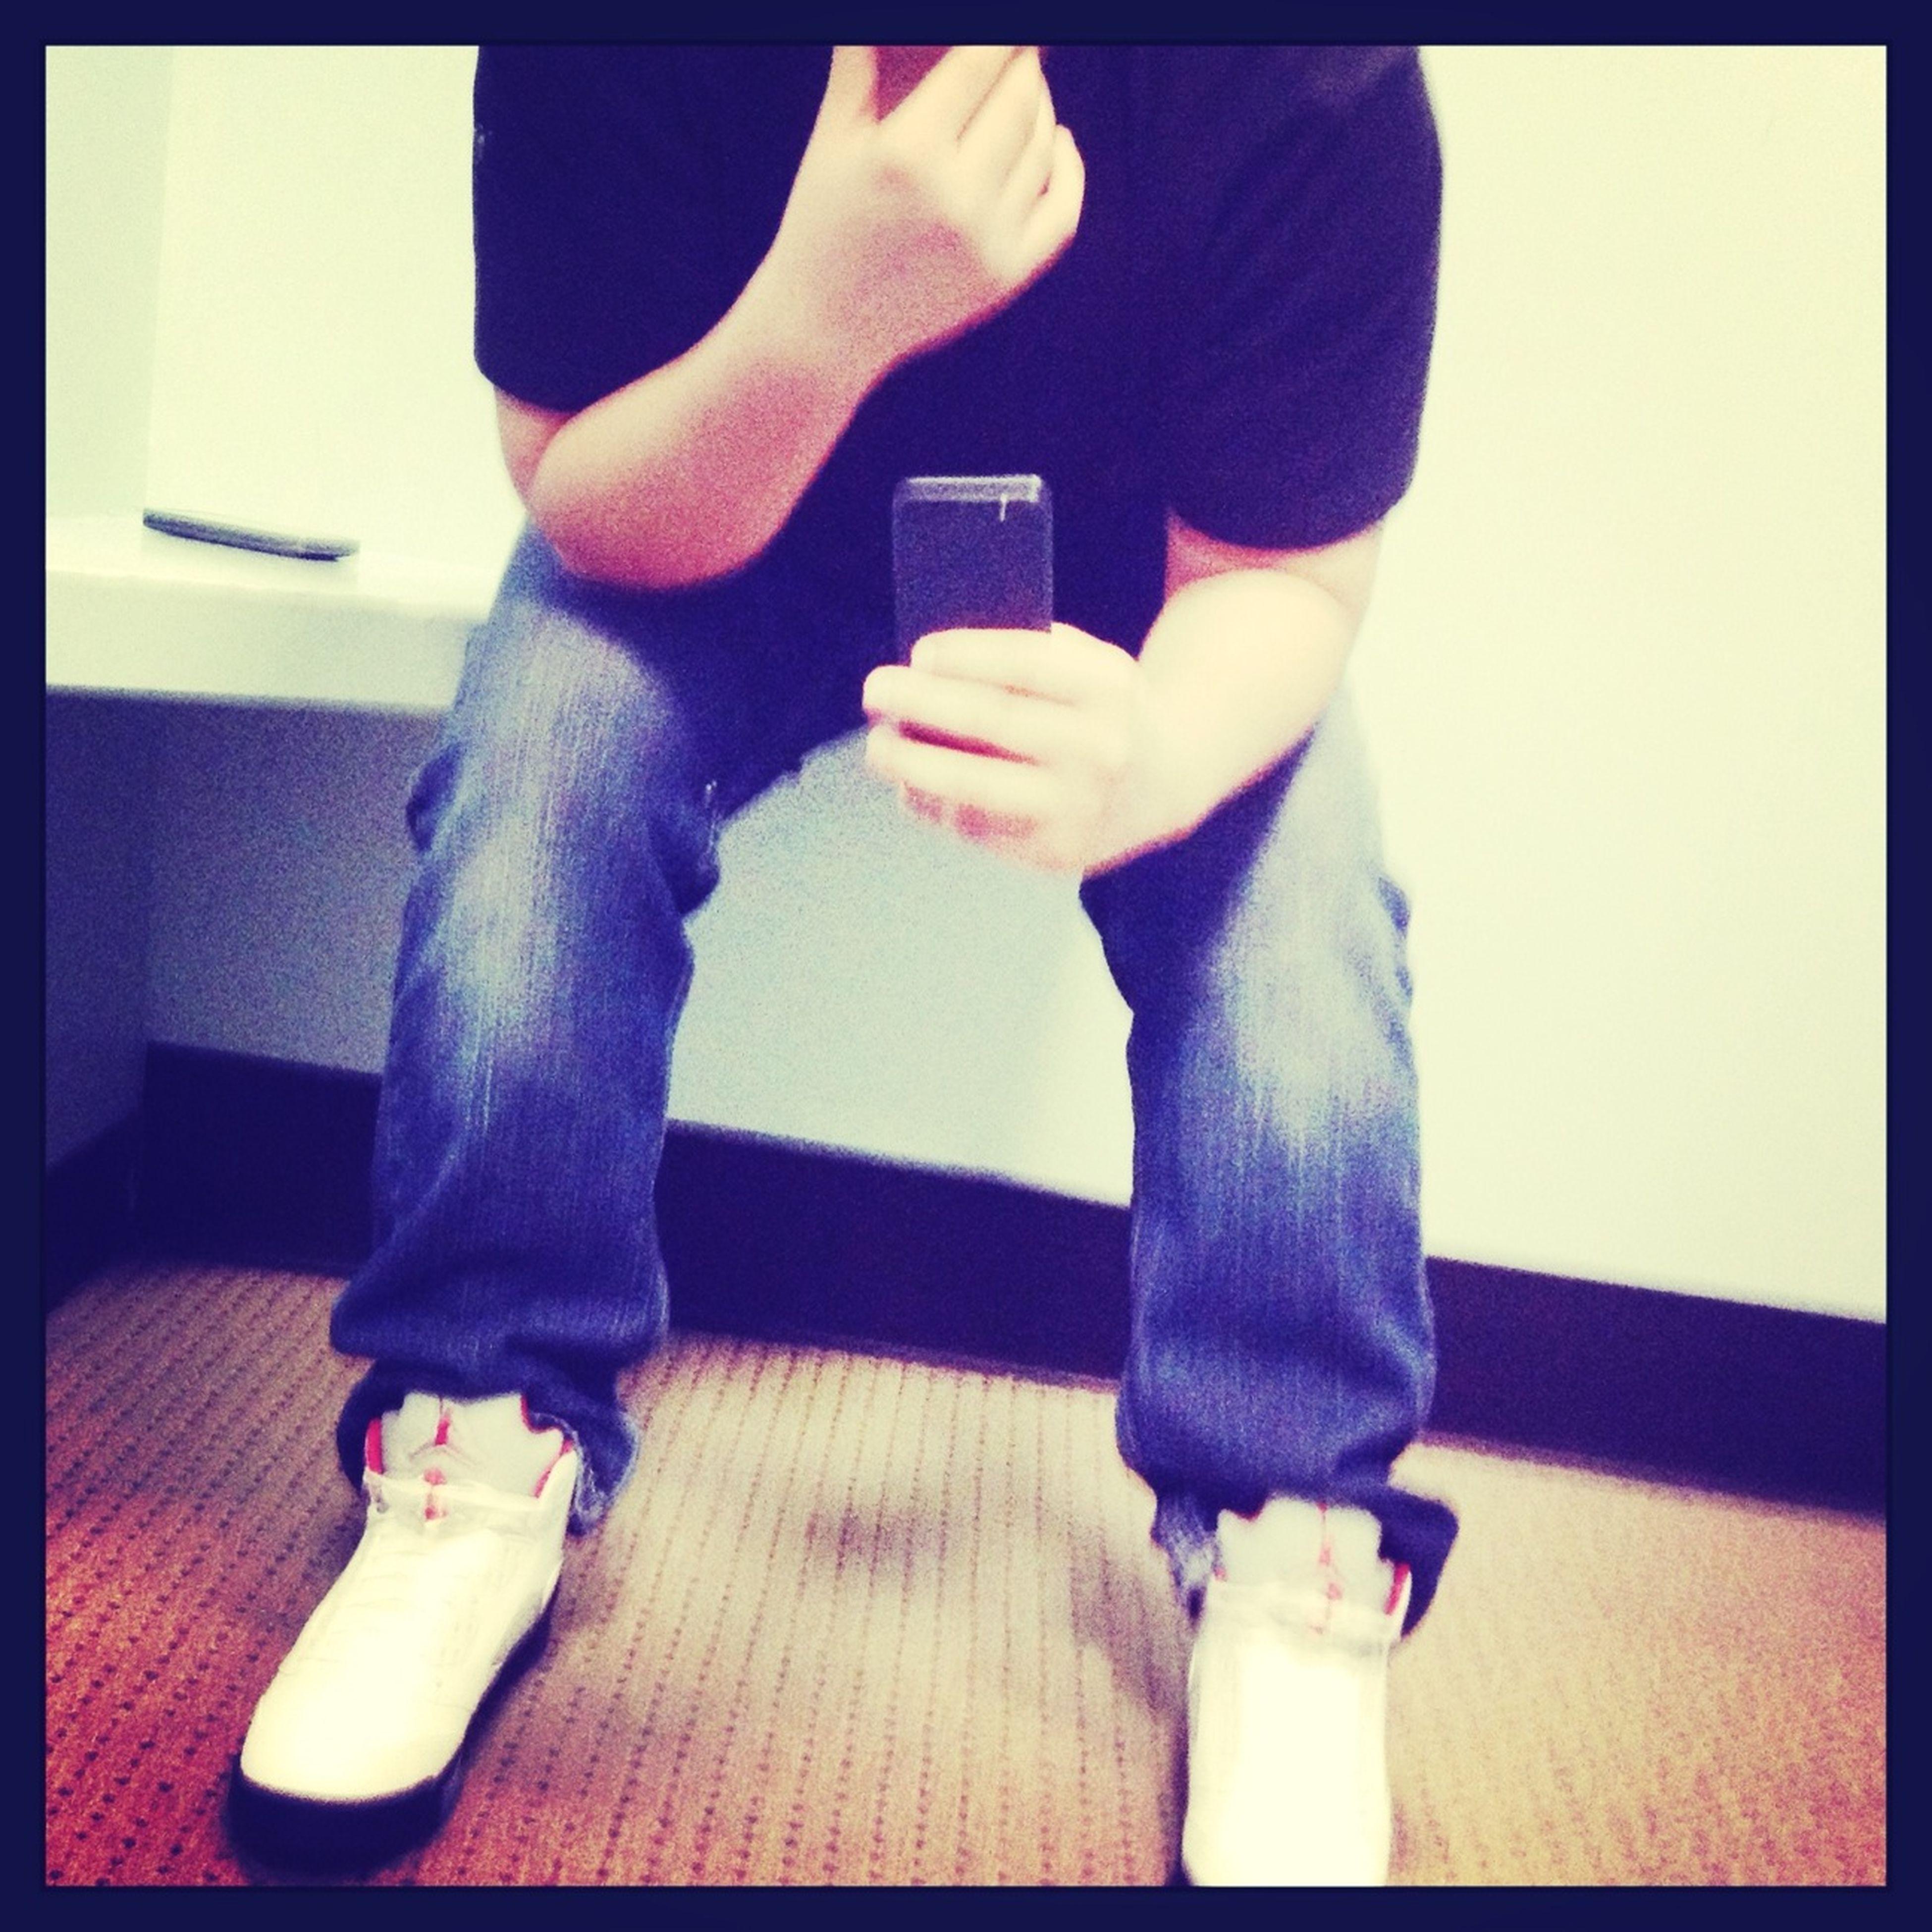 Rocking My Jordans 5's